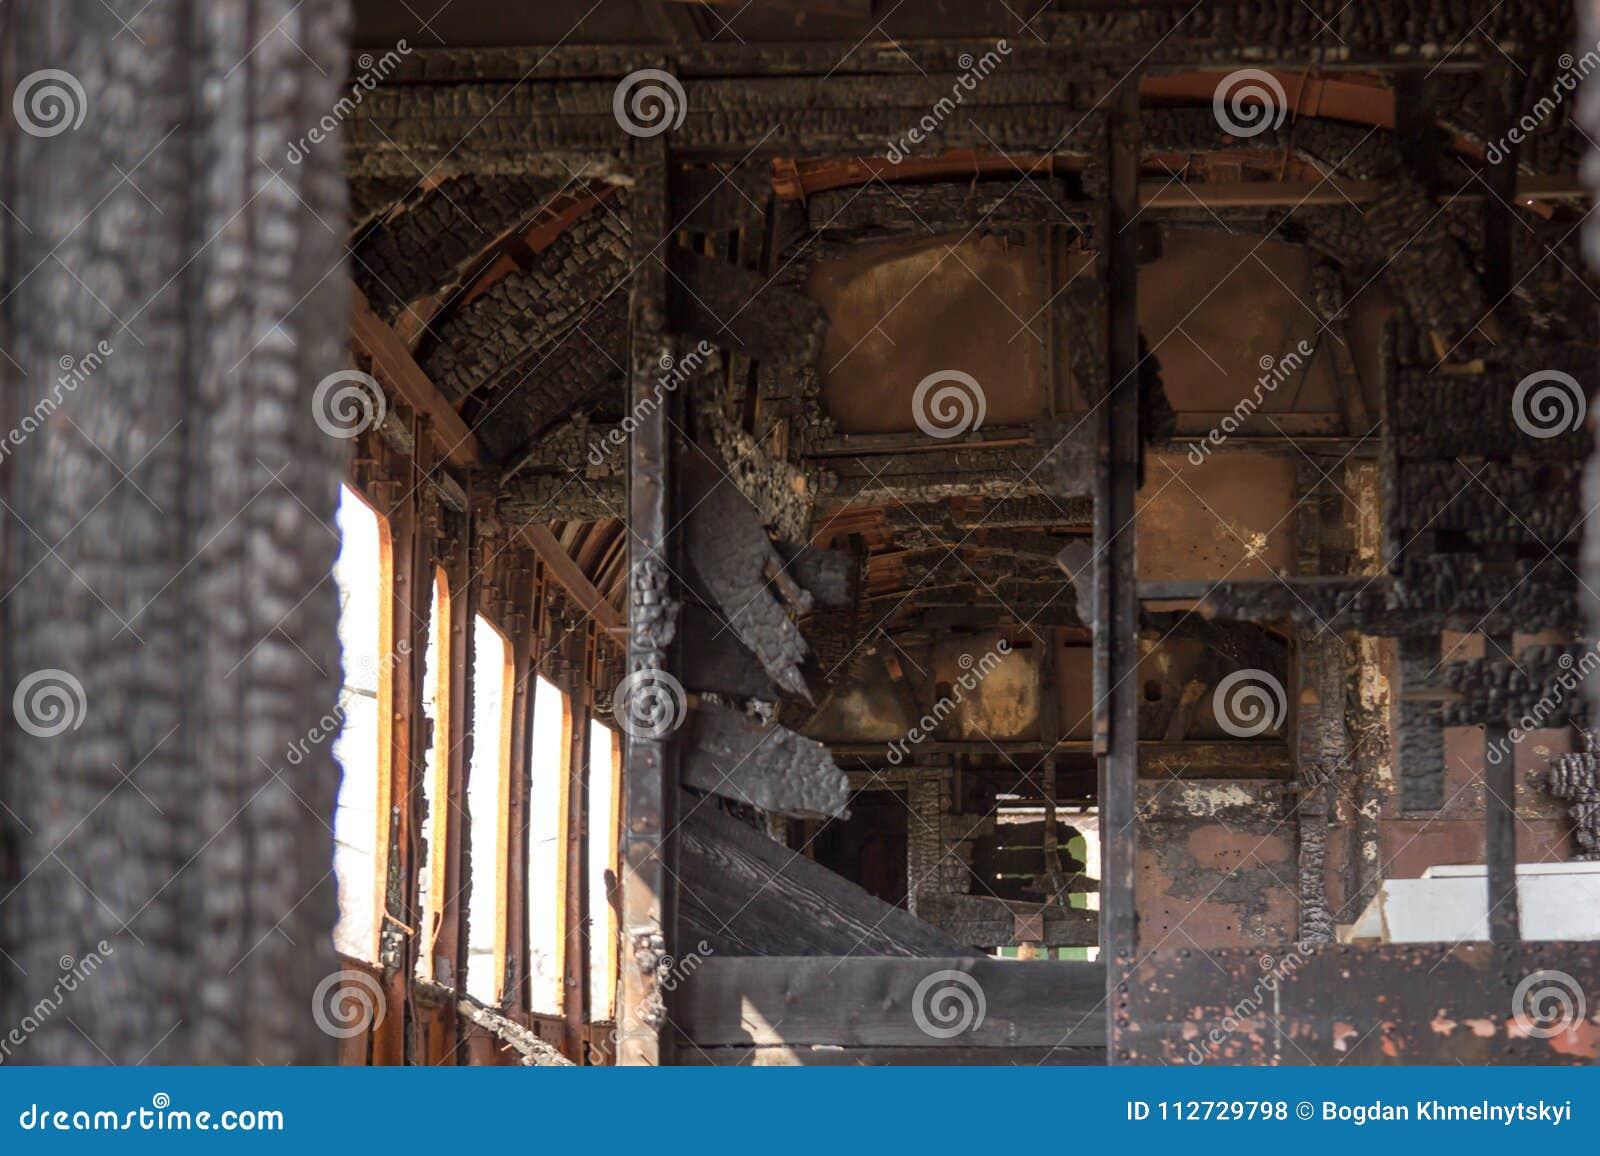 Drevvagnen som bränns från insidan